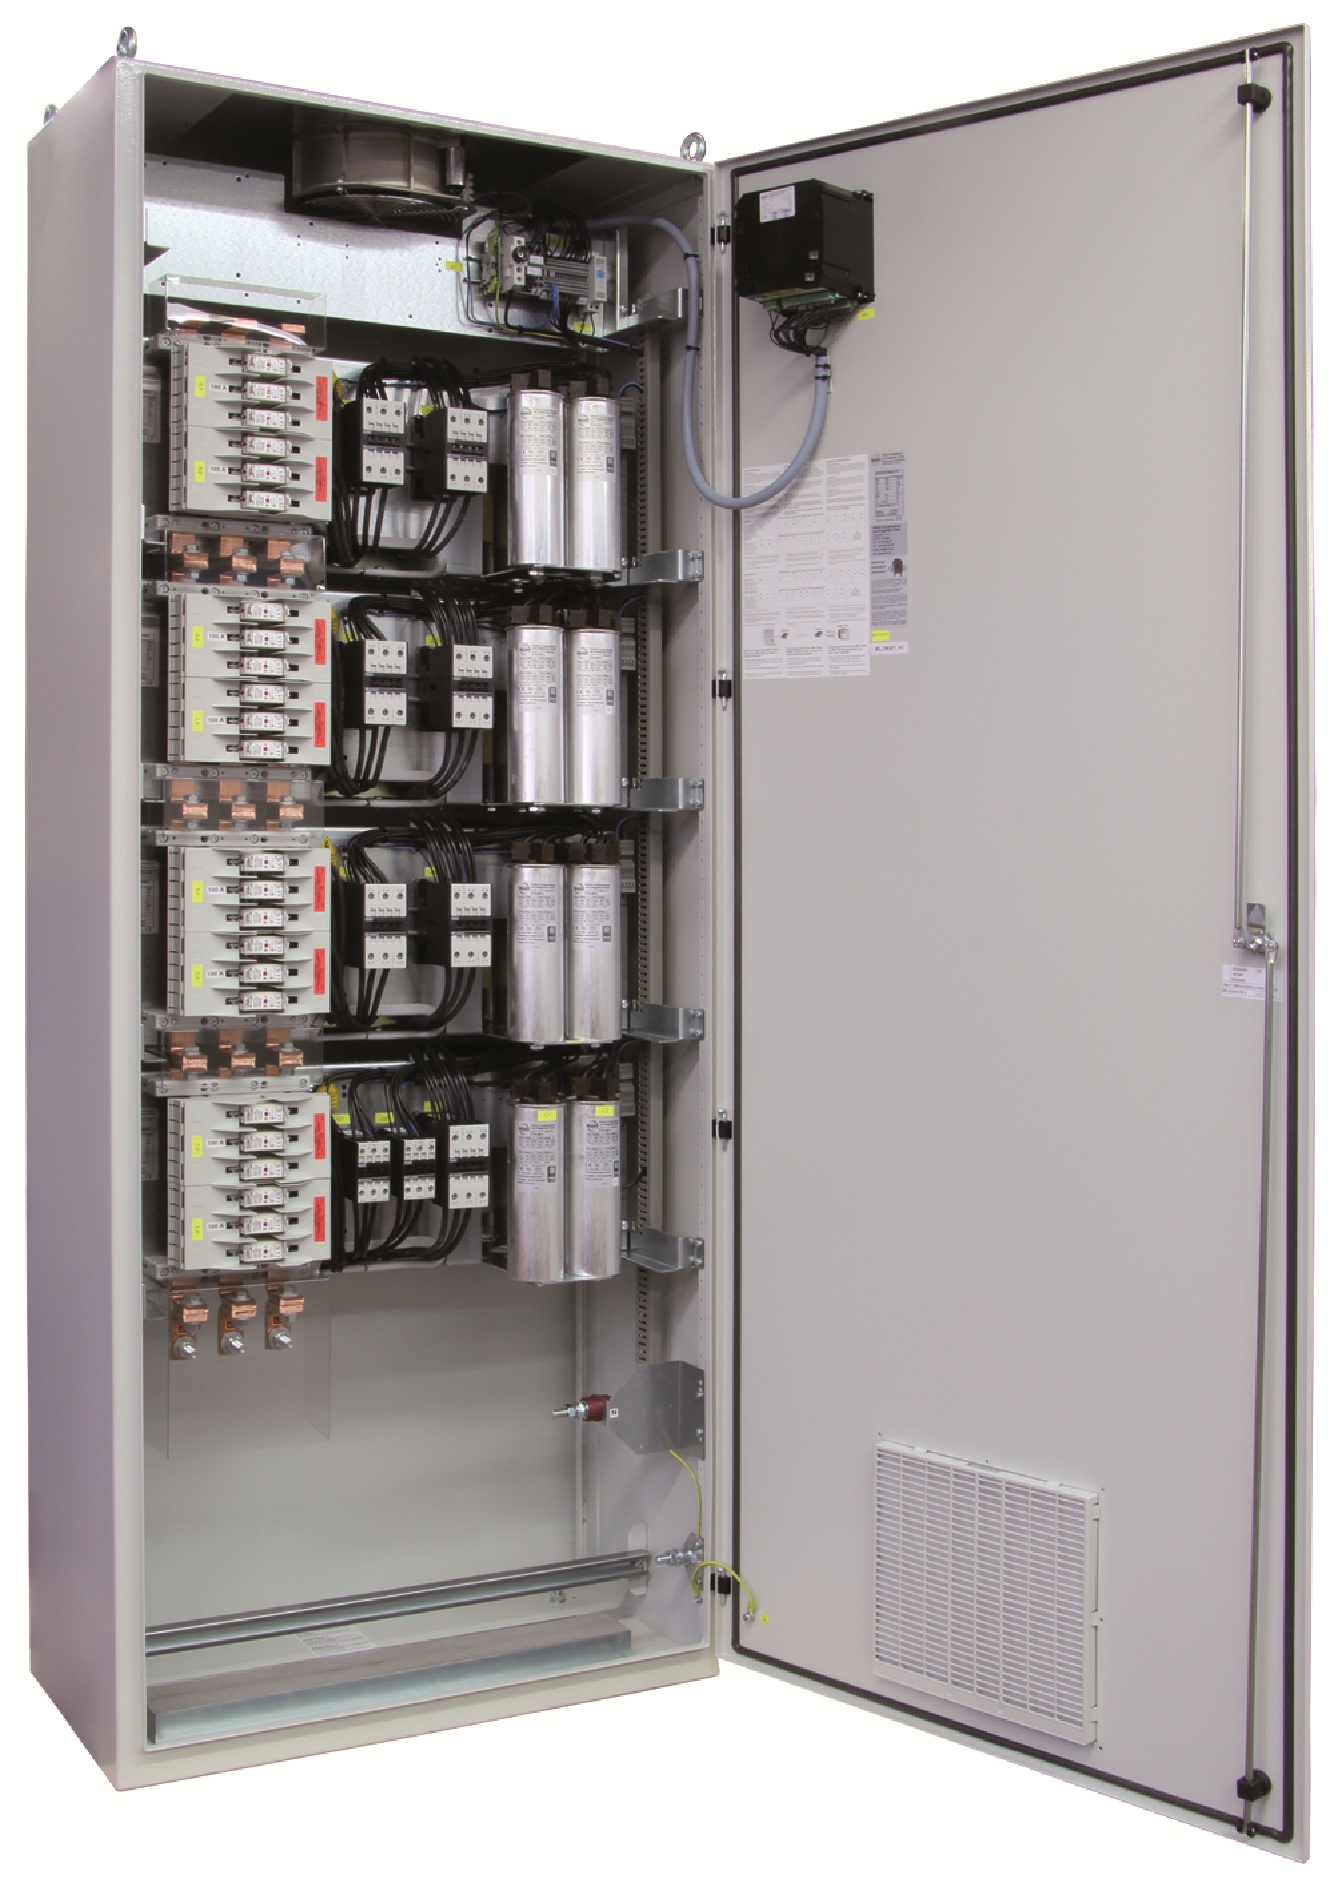 1 Stk Kompensation LSFC 14% 75/12,5kvar 600x2000x400mm FR3422616-